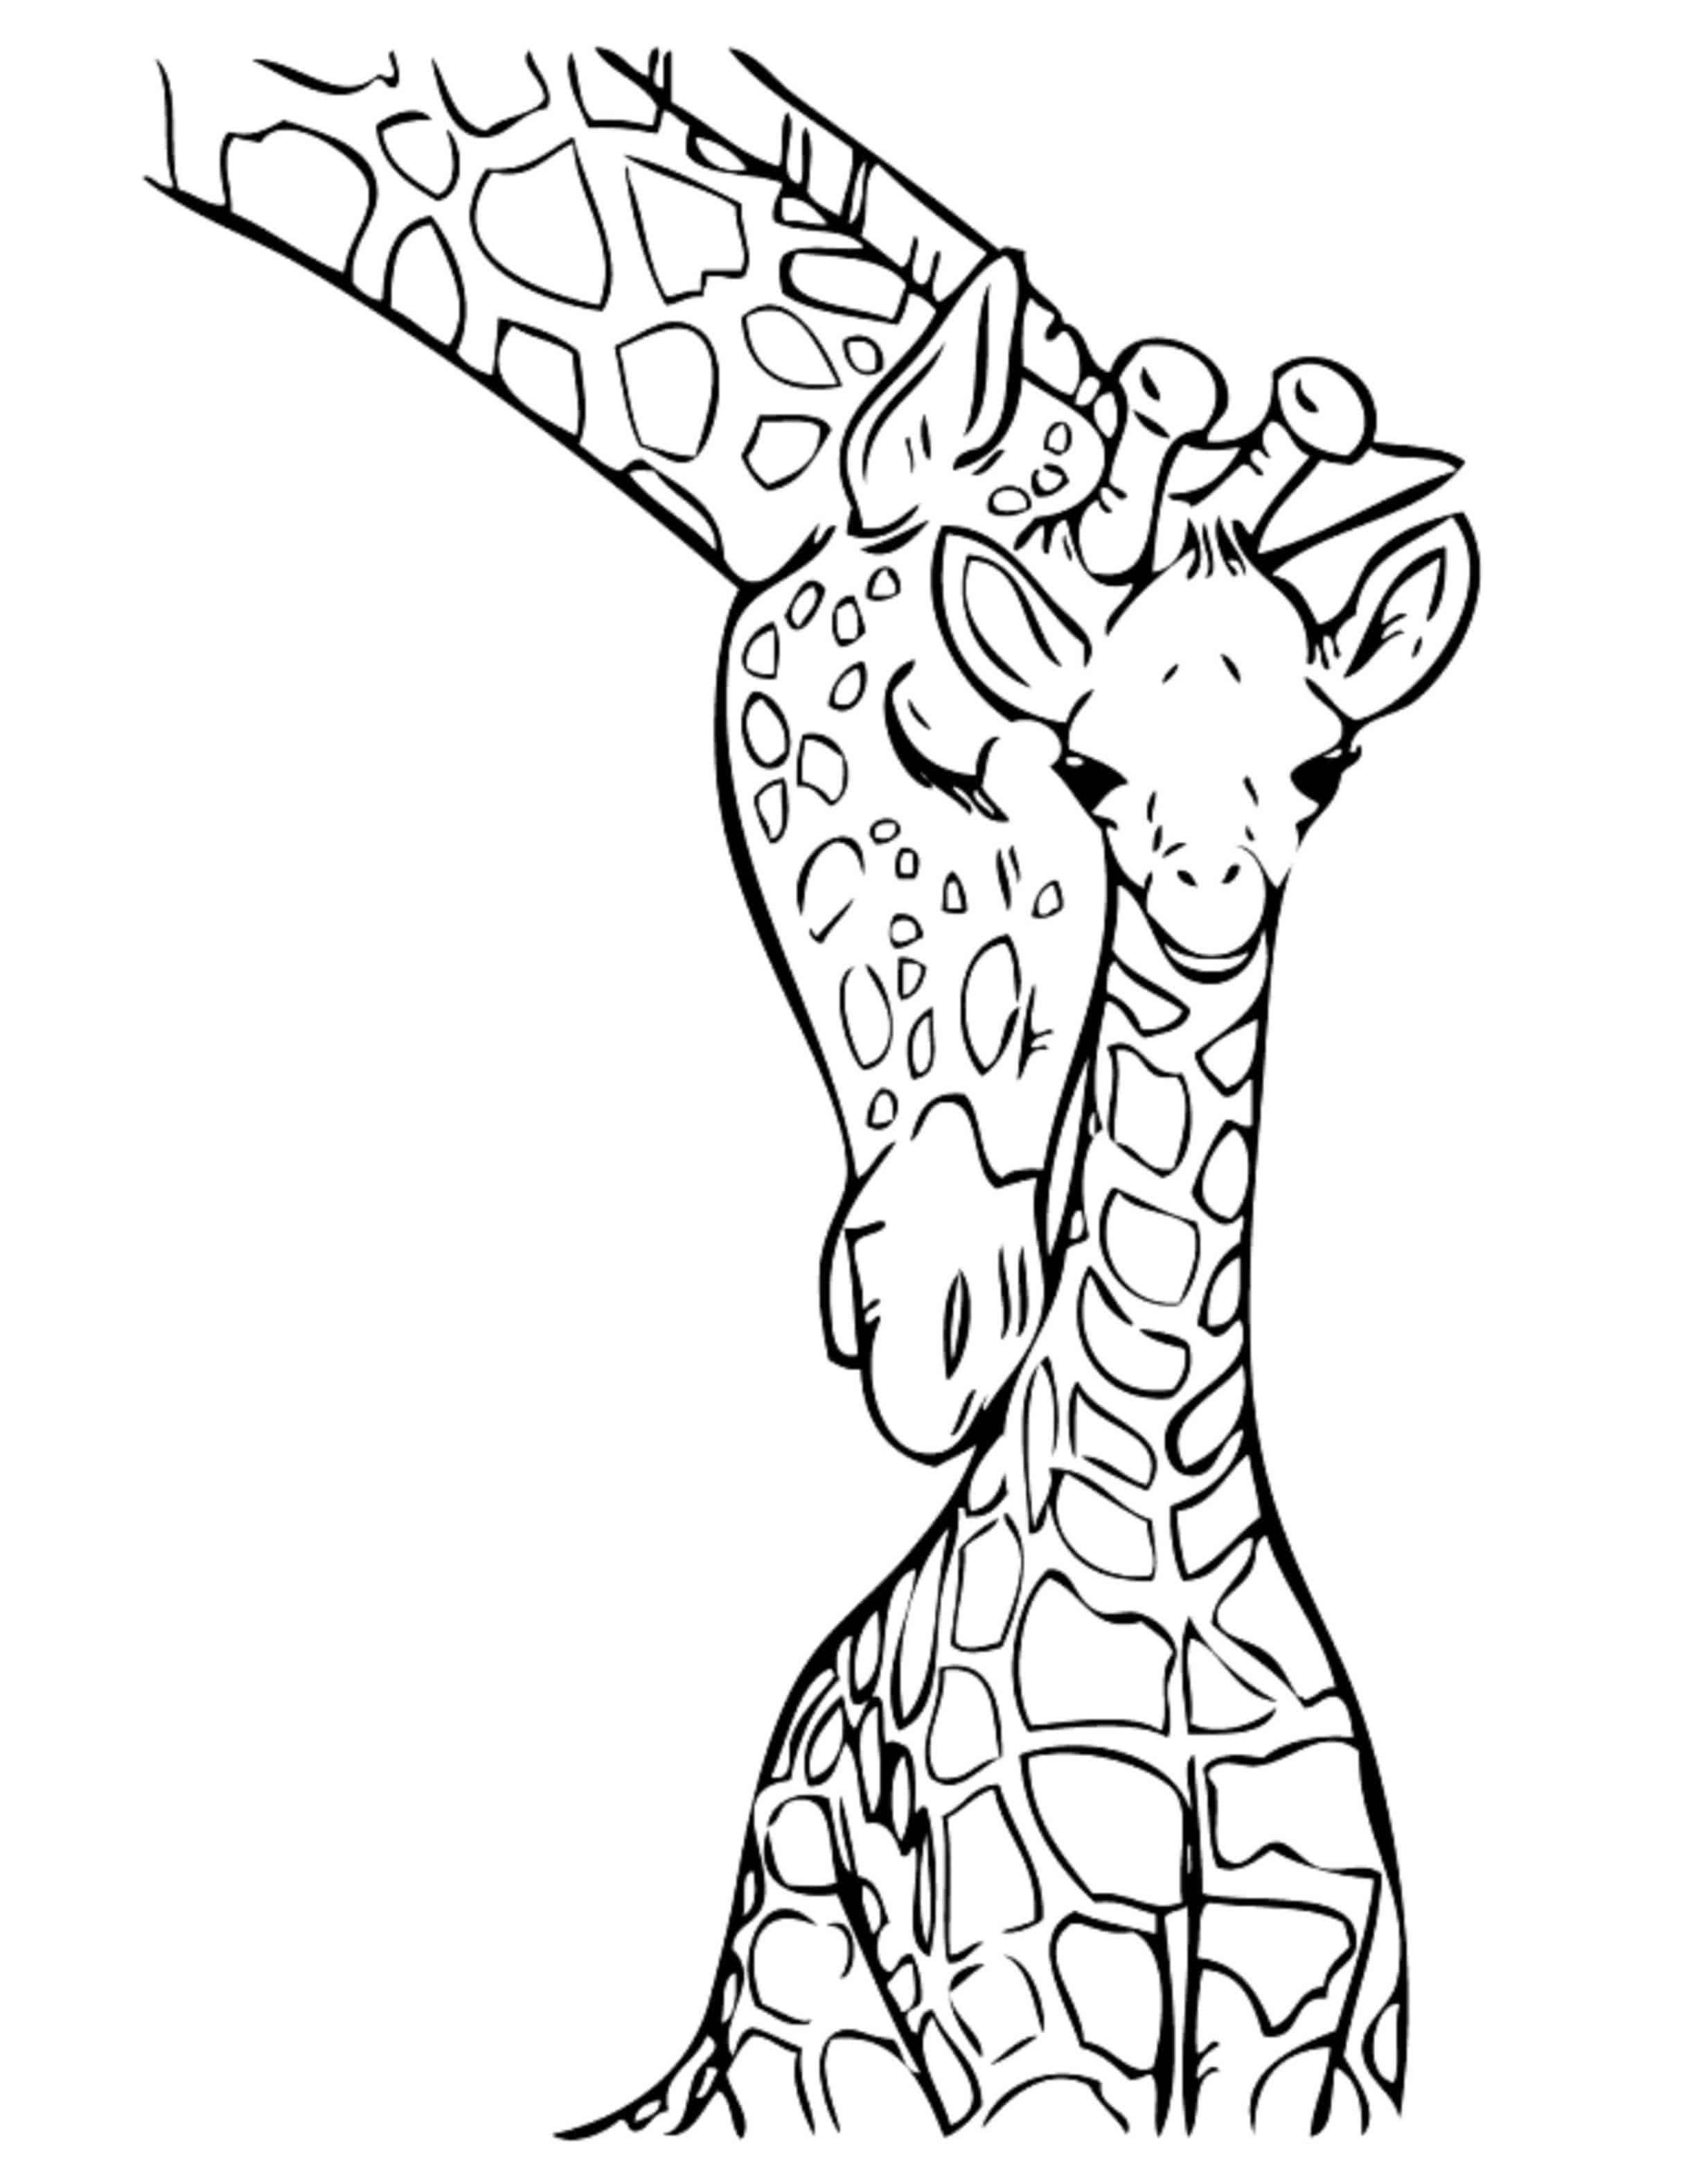 kleurplaat giraffe verjaardag